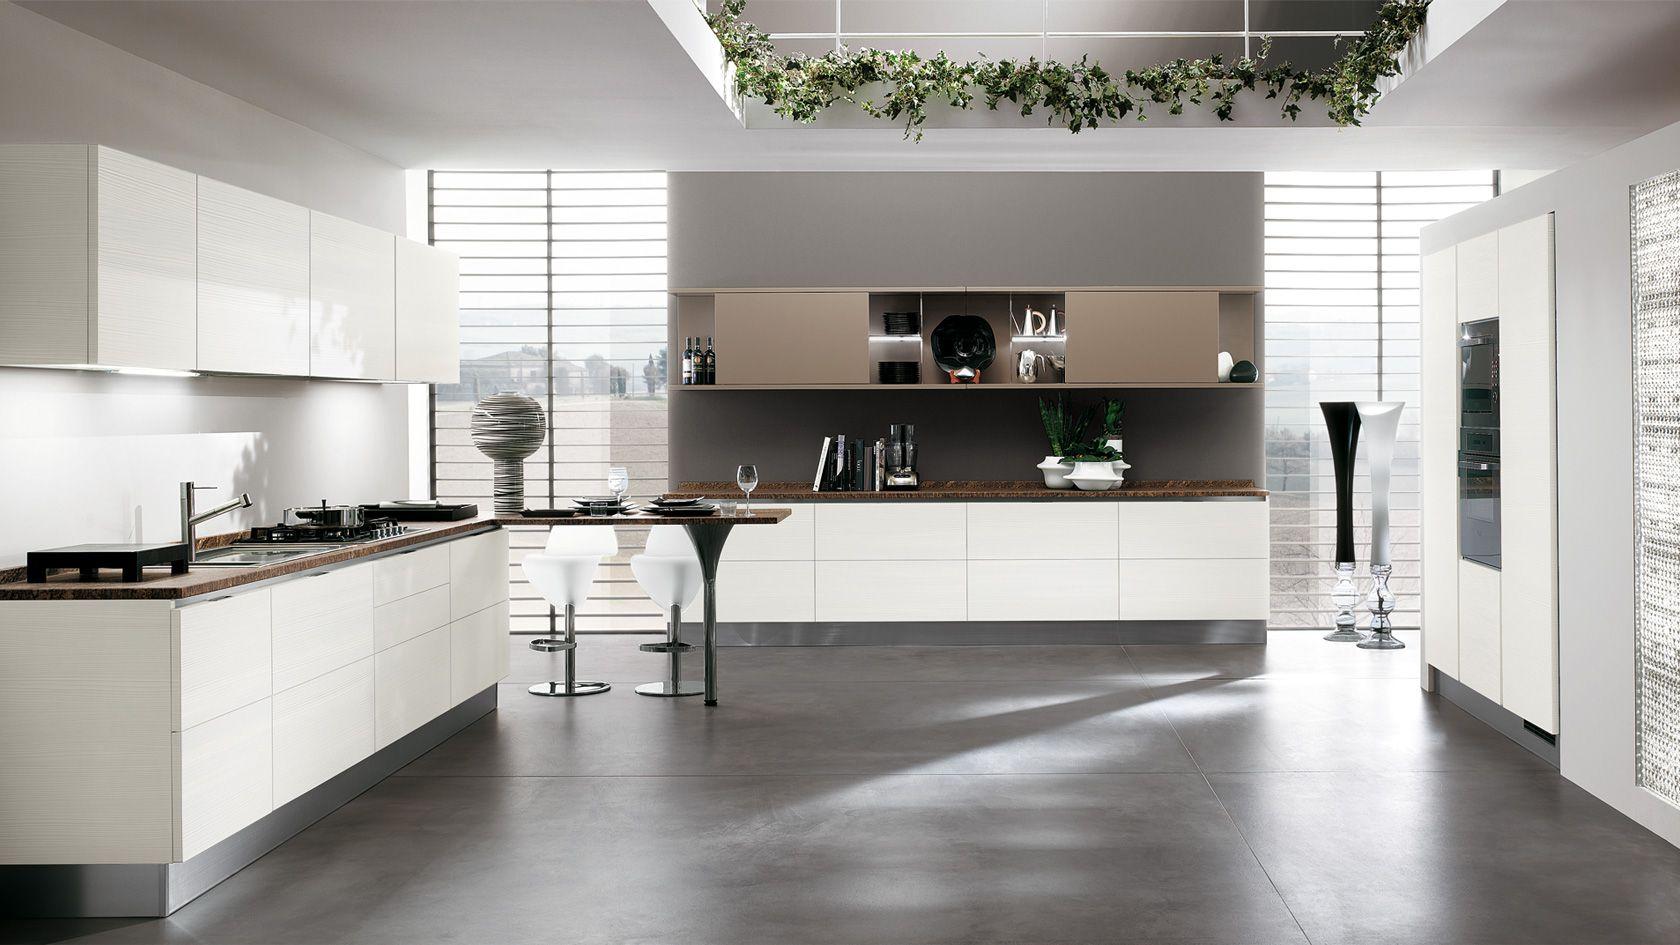 Kitchens scavolini white kitchen cucine